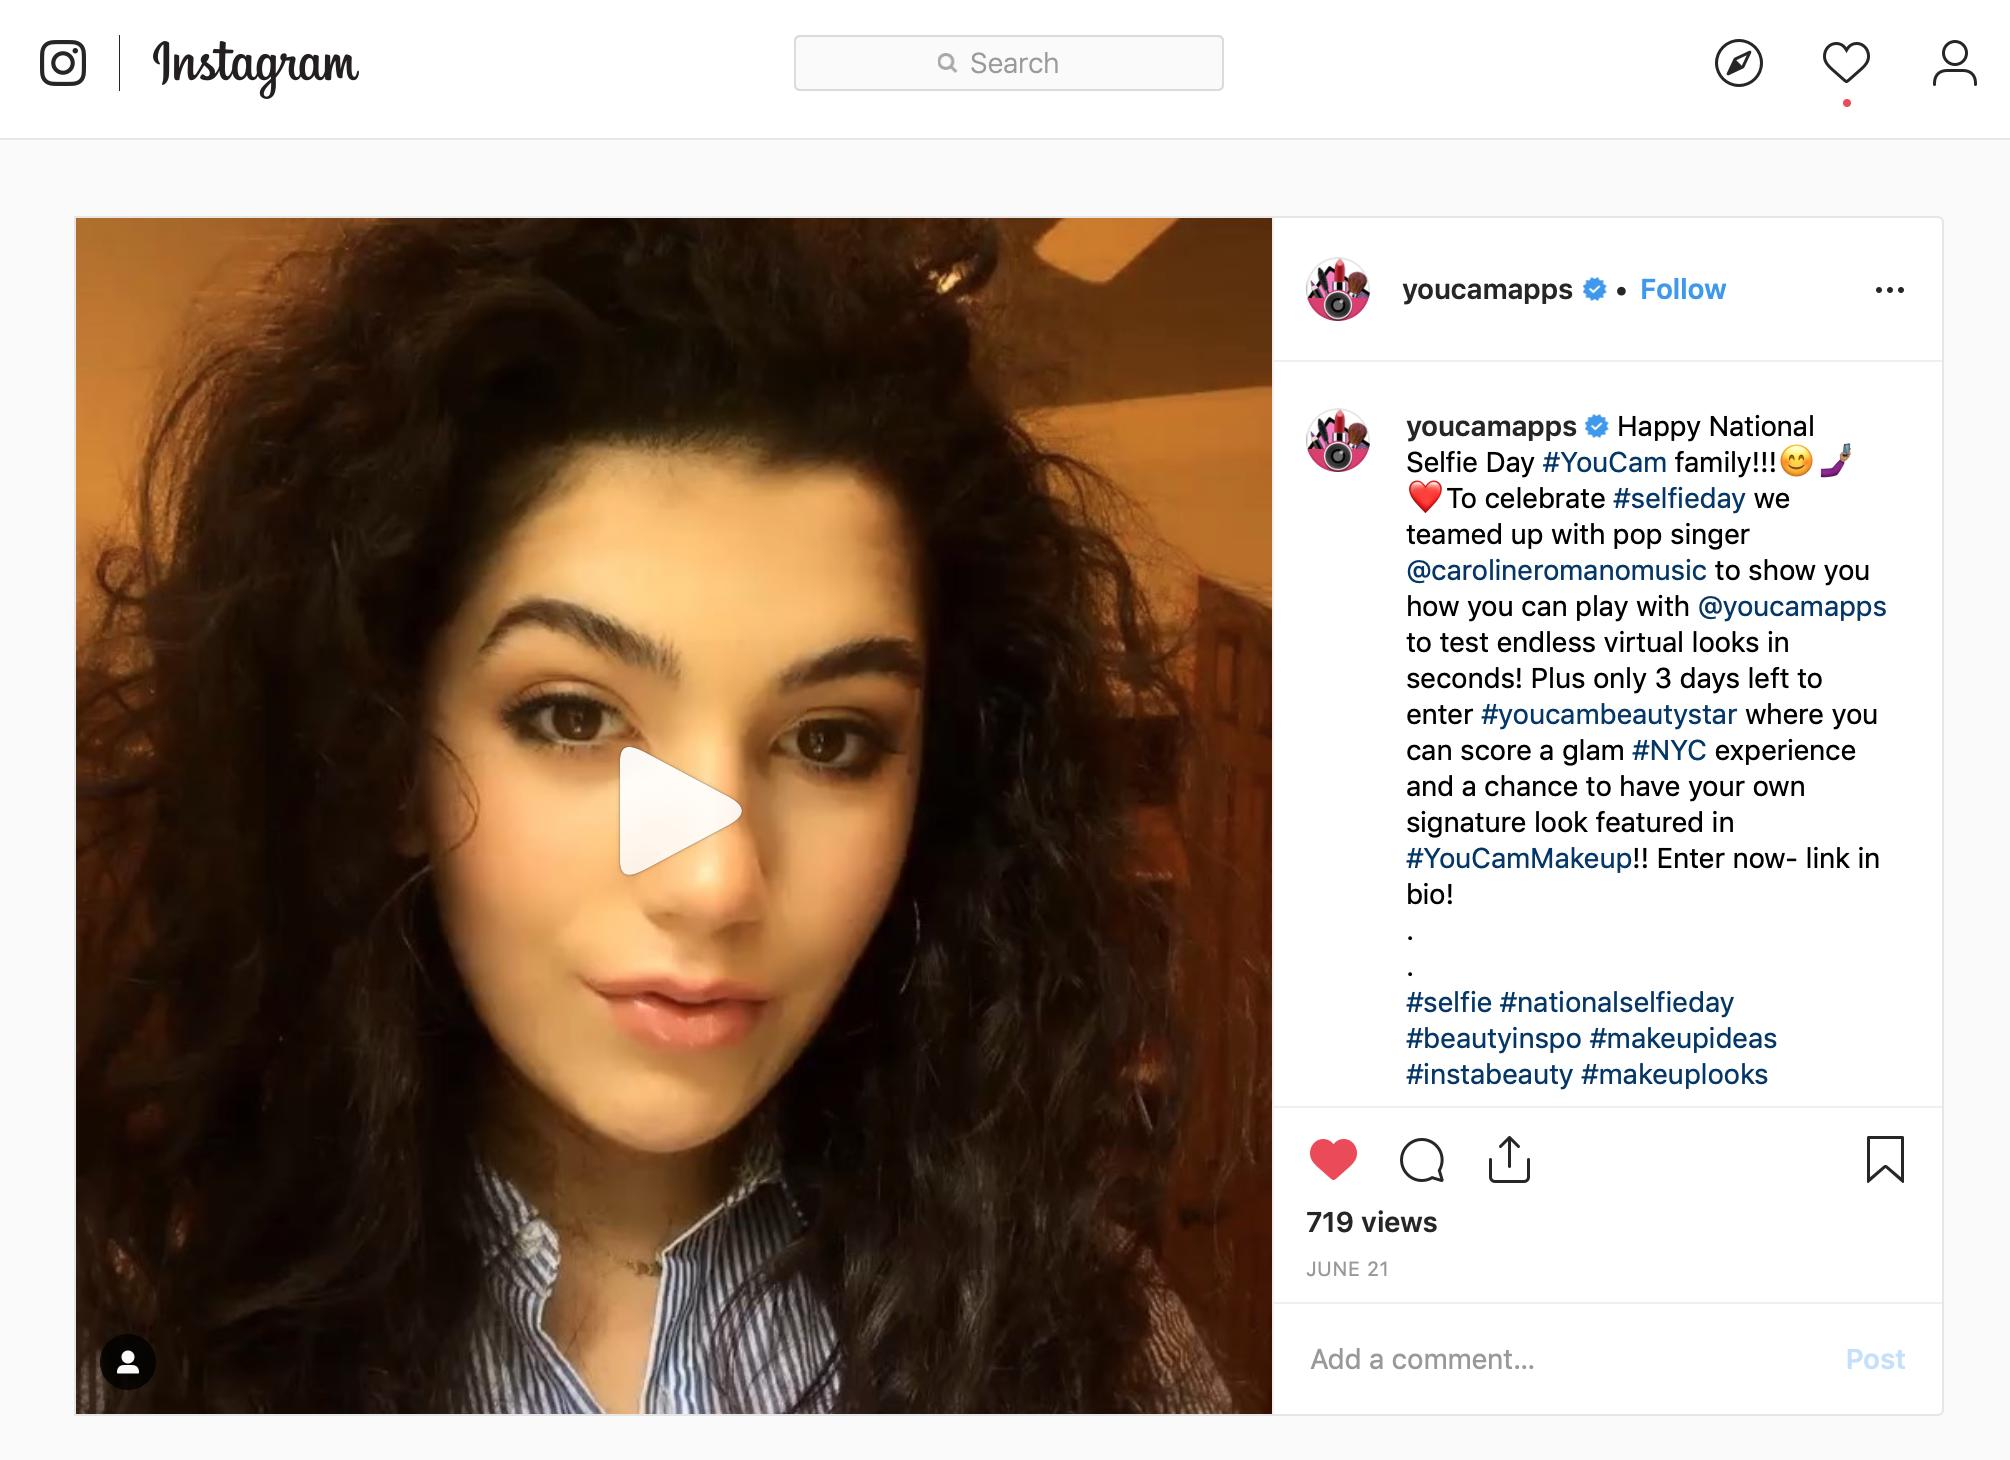 YouCam Beauty - #NationalSelfieDay Social Posts